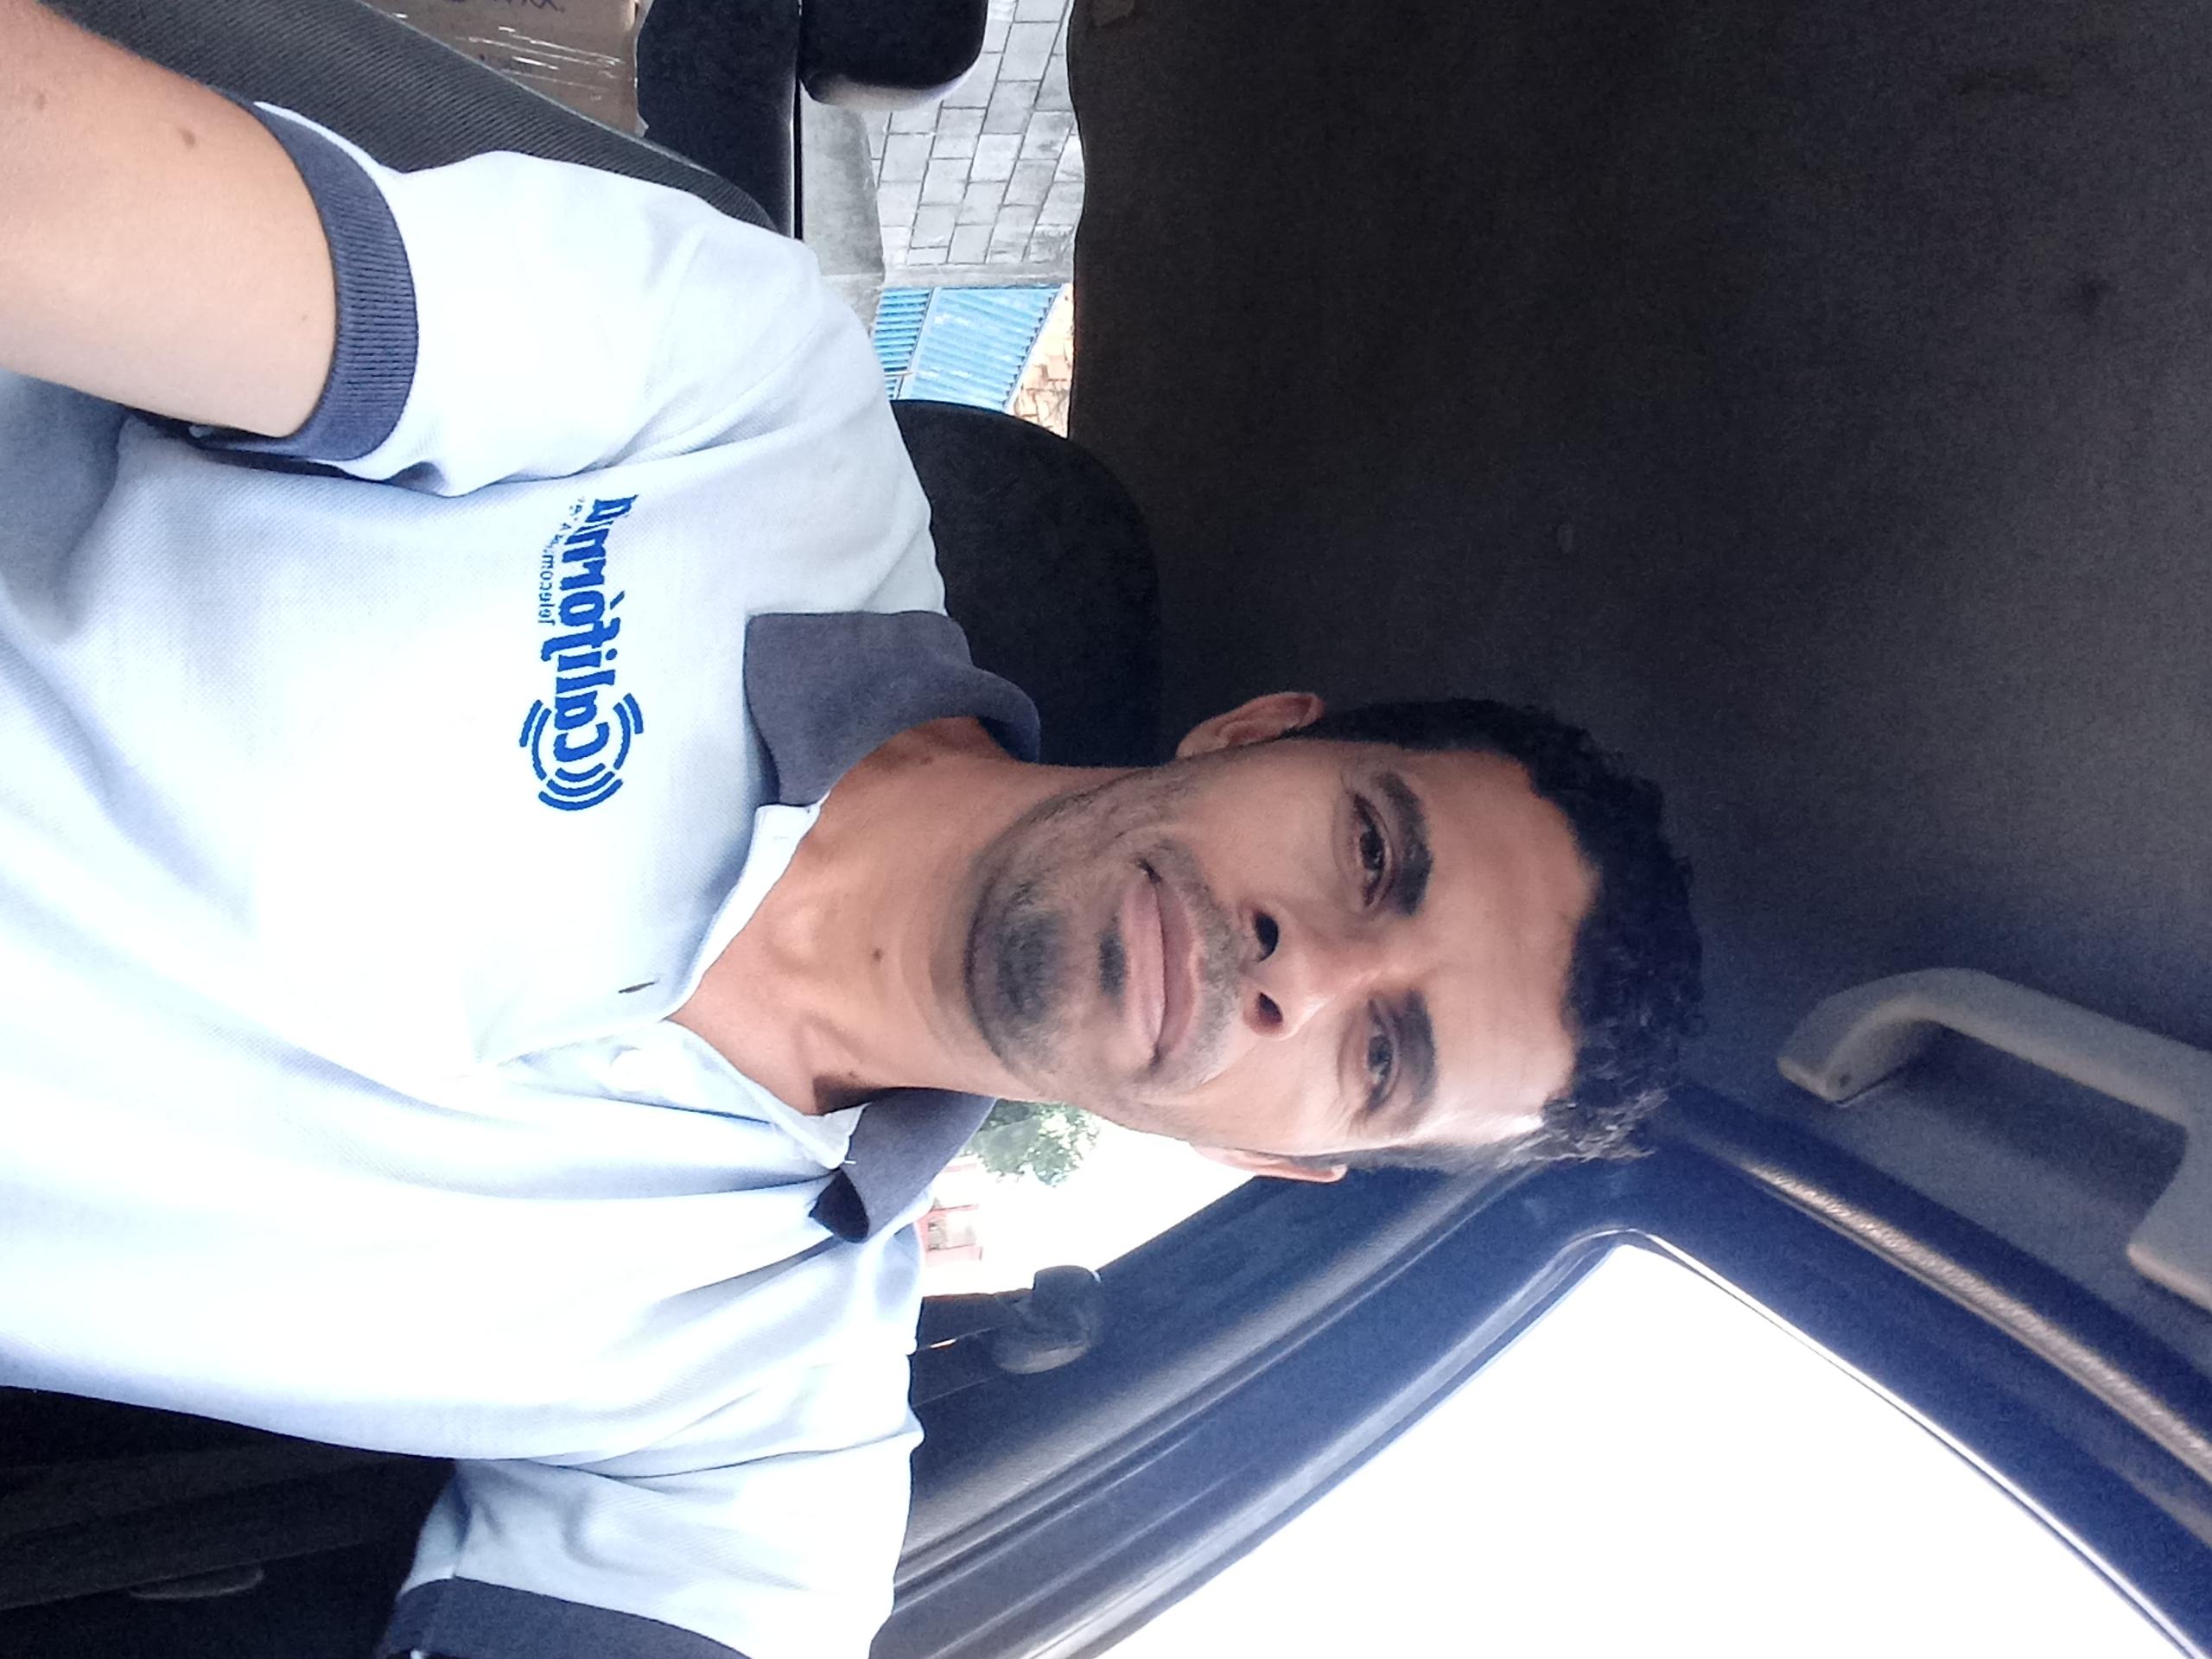 PAULO EDUARDO ALVES DOS SANTOS